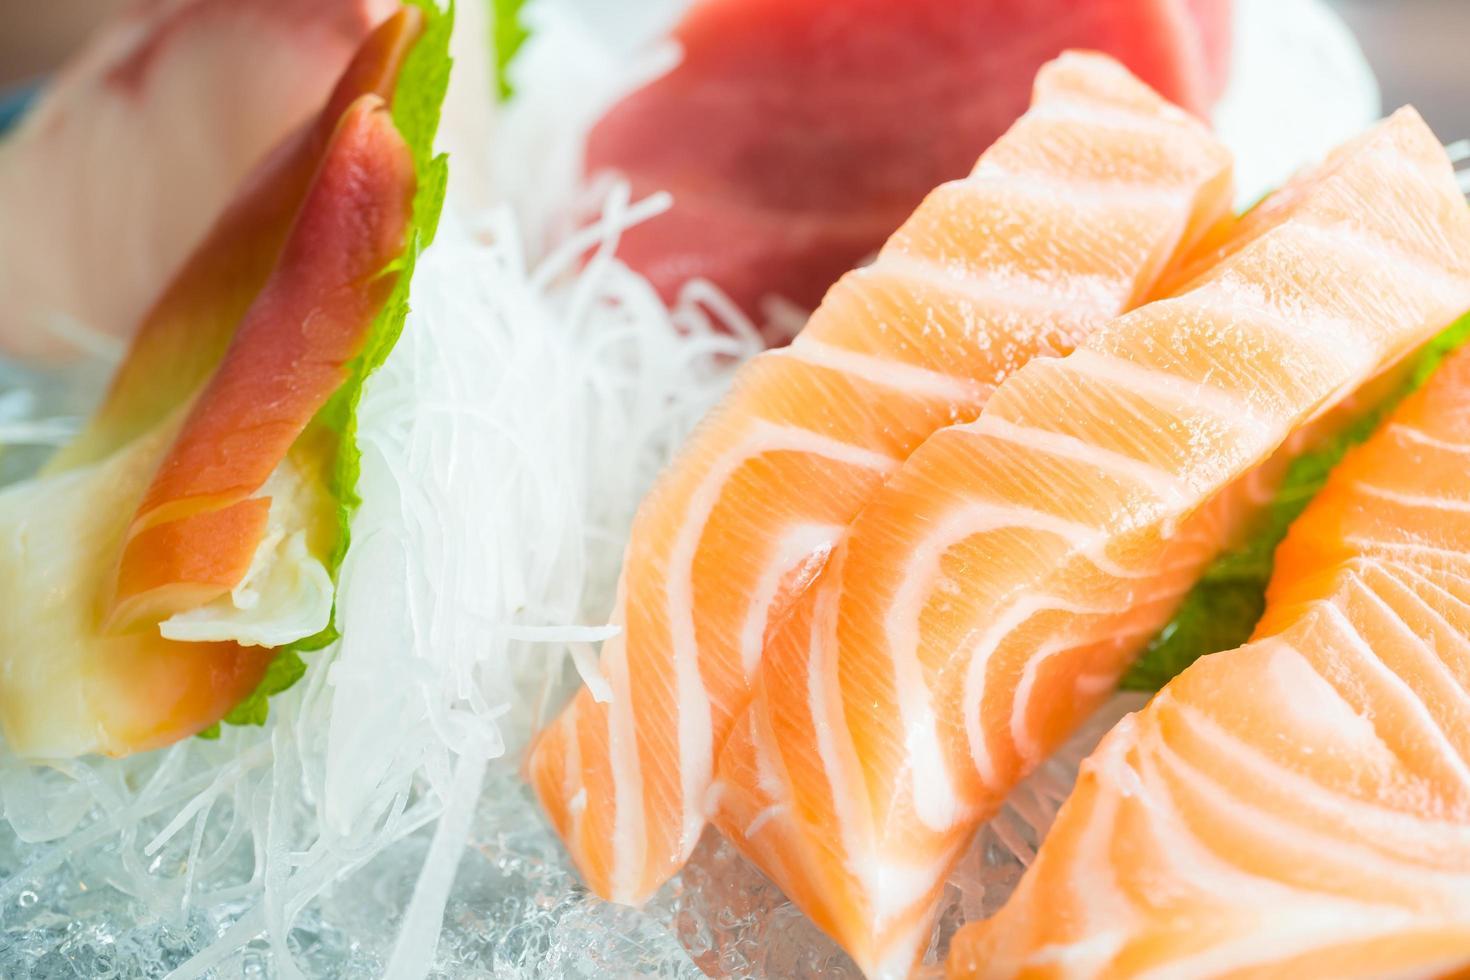 roher frischer Sashimi foto